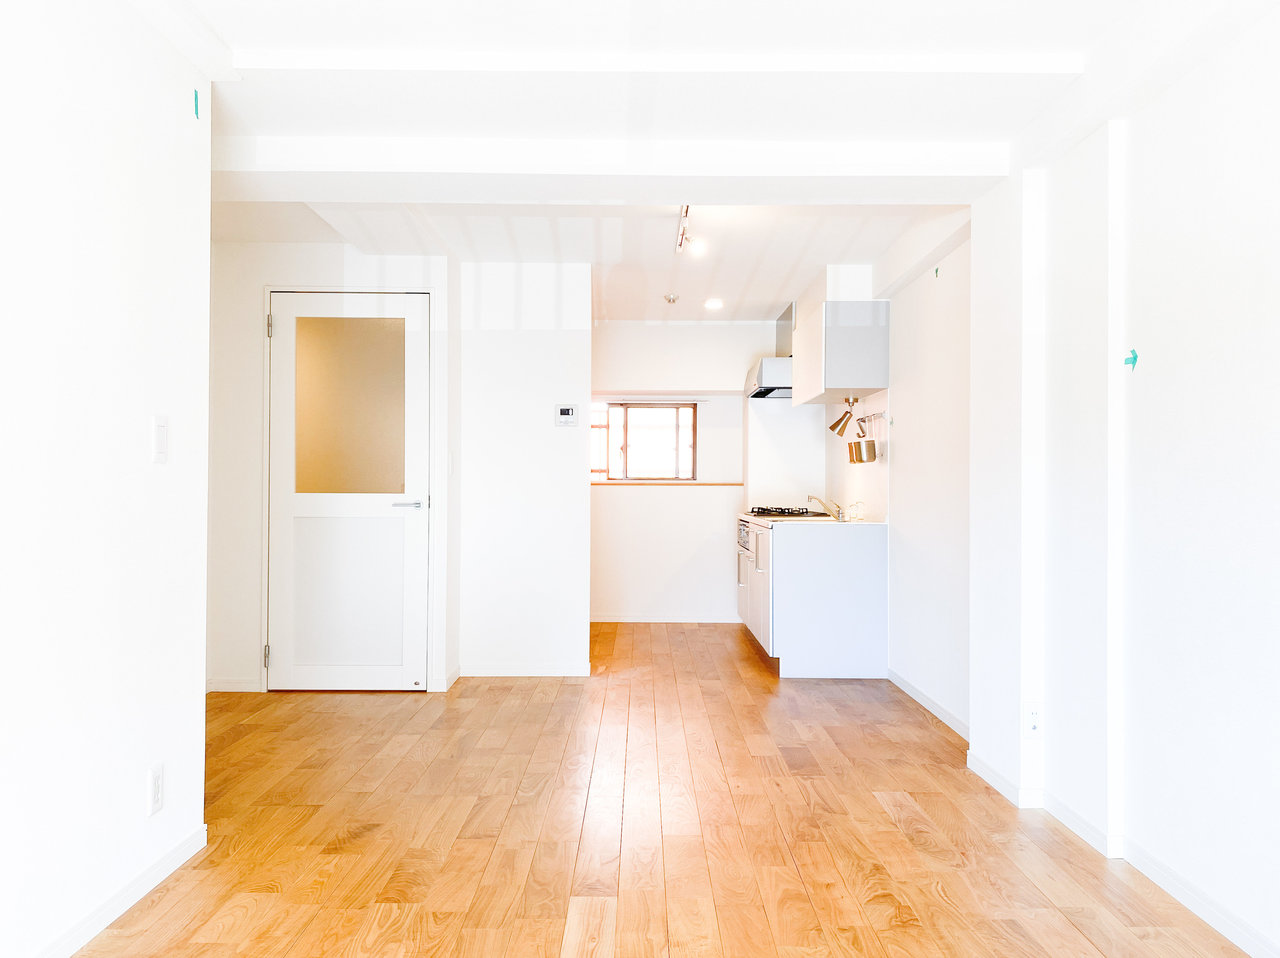 こちらは、グッドルームのオリジナルリノベーション「TOMOS」のお部屋です。白い壁と無垢床のコントラストが美しい。